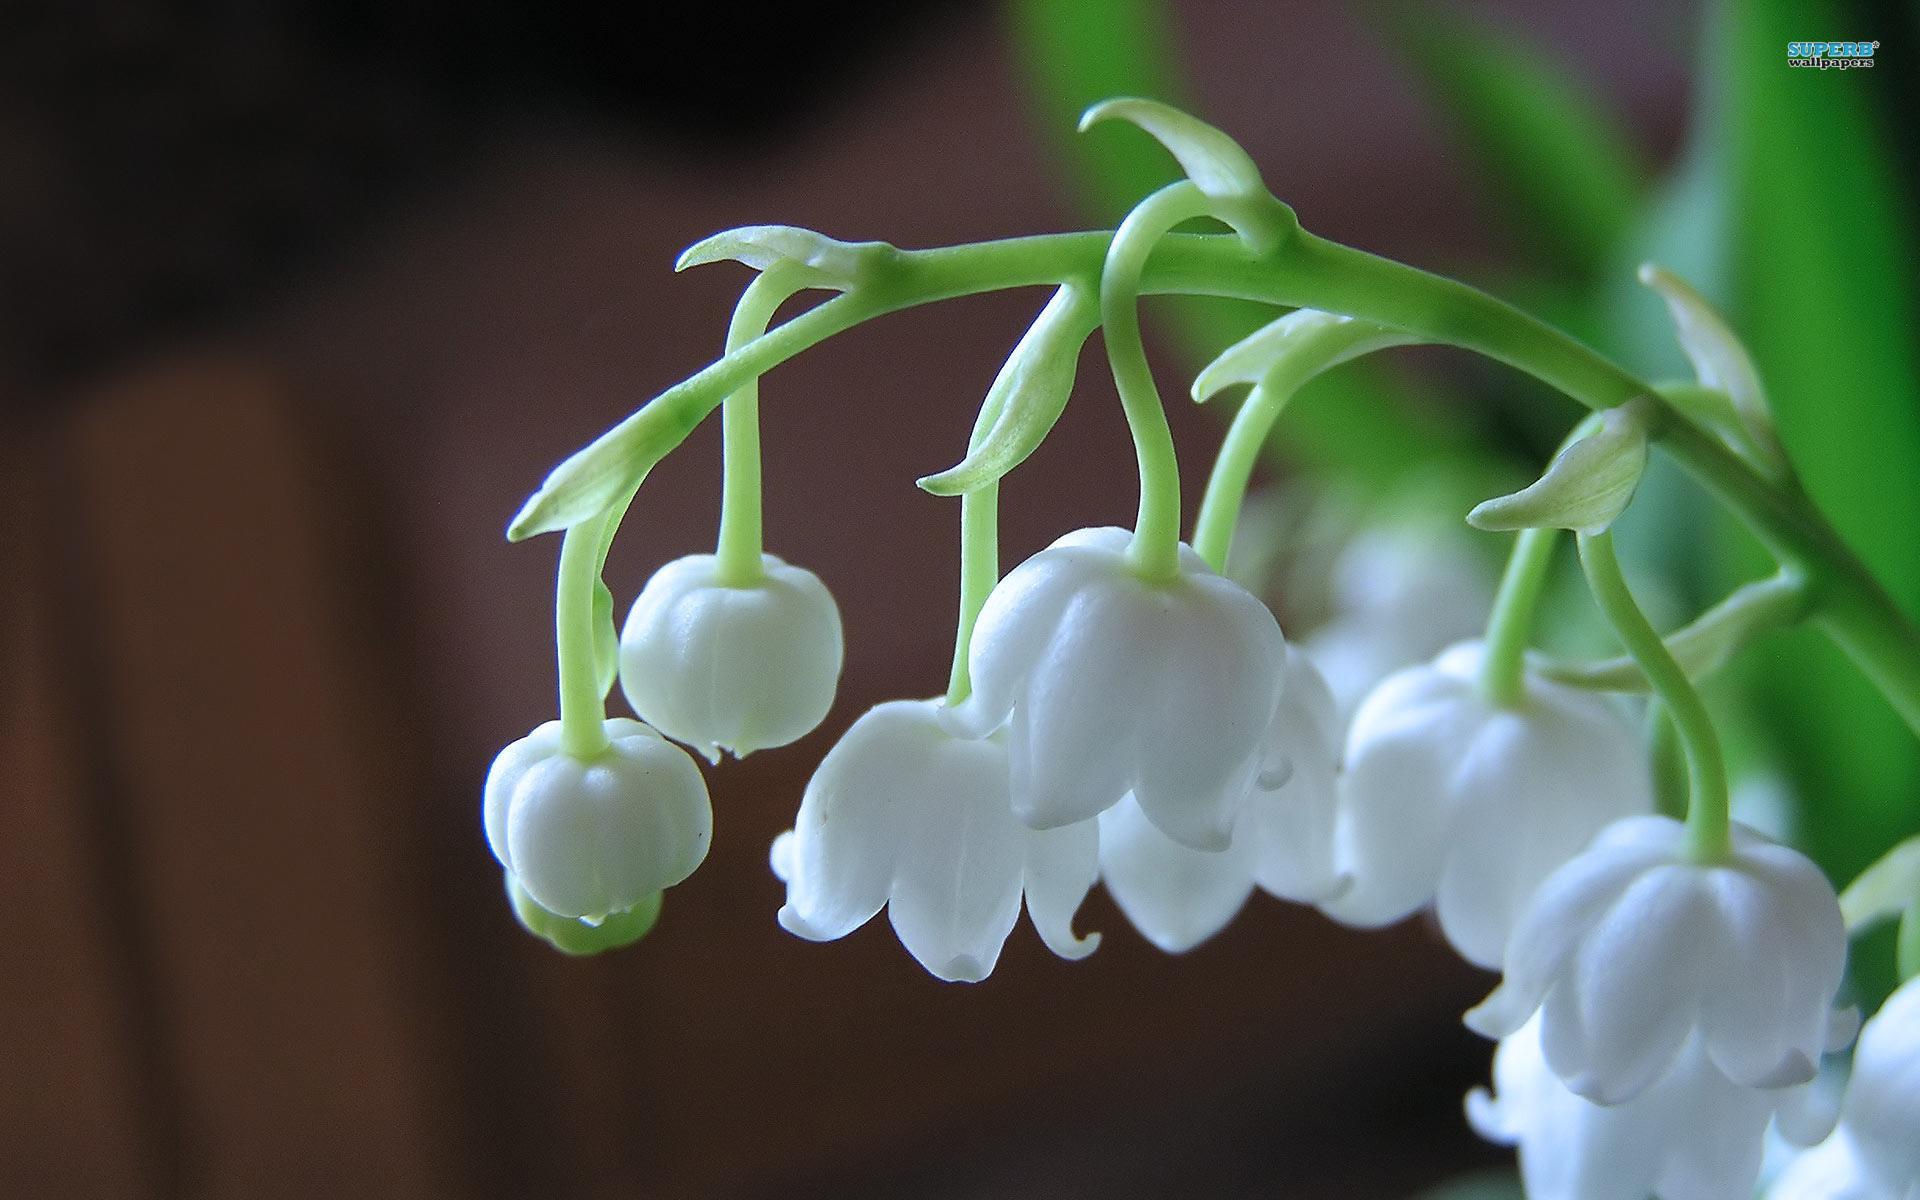 Hình ảnh vẻ đẹp tinh khiết của hoa linh lan